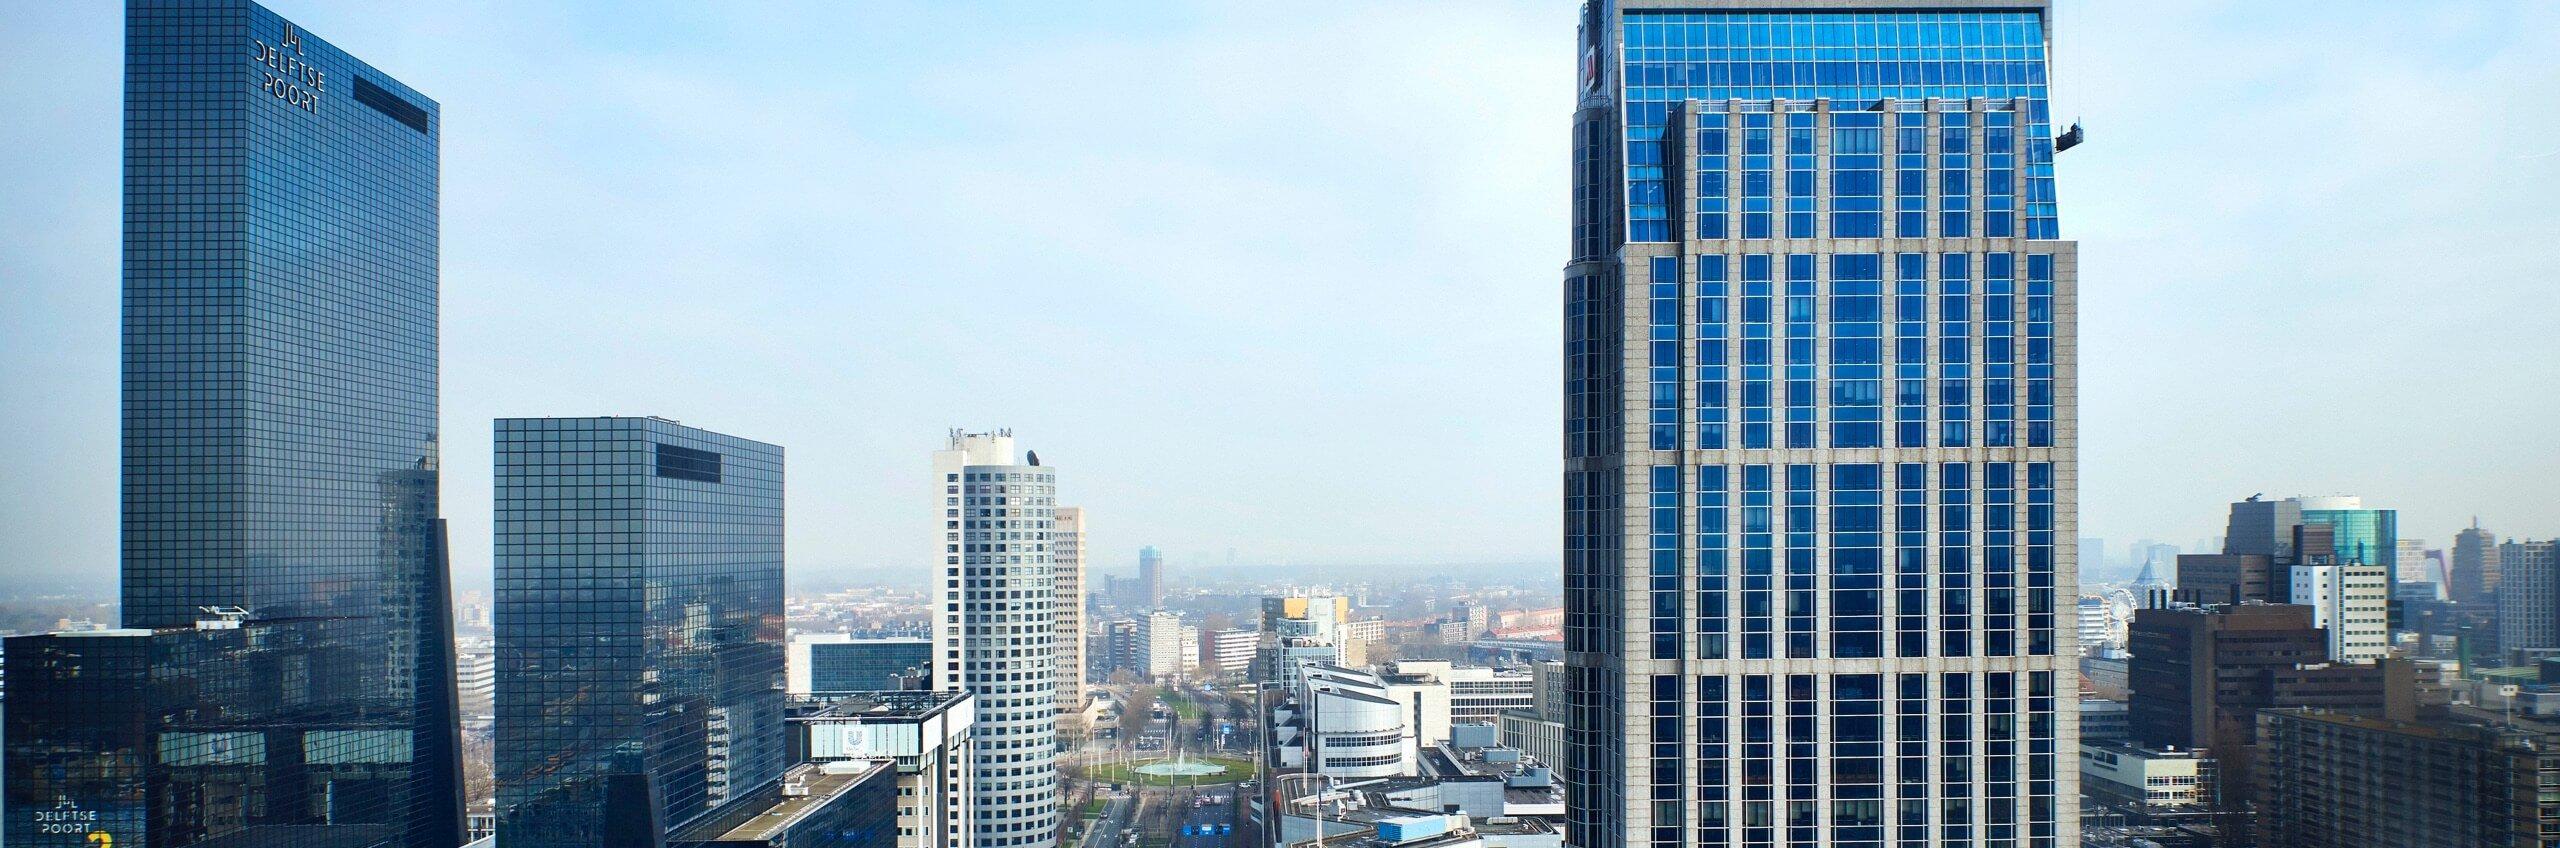 Interne gebiedsontwikkeling: Realconomy verhuist naar hartje Rotterdam